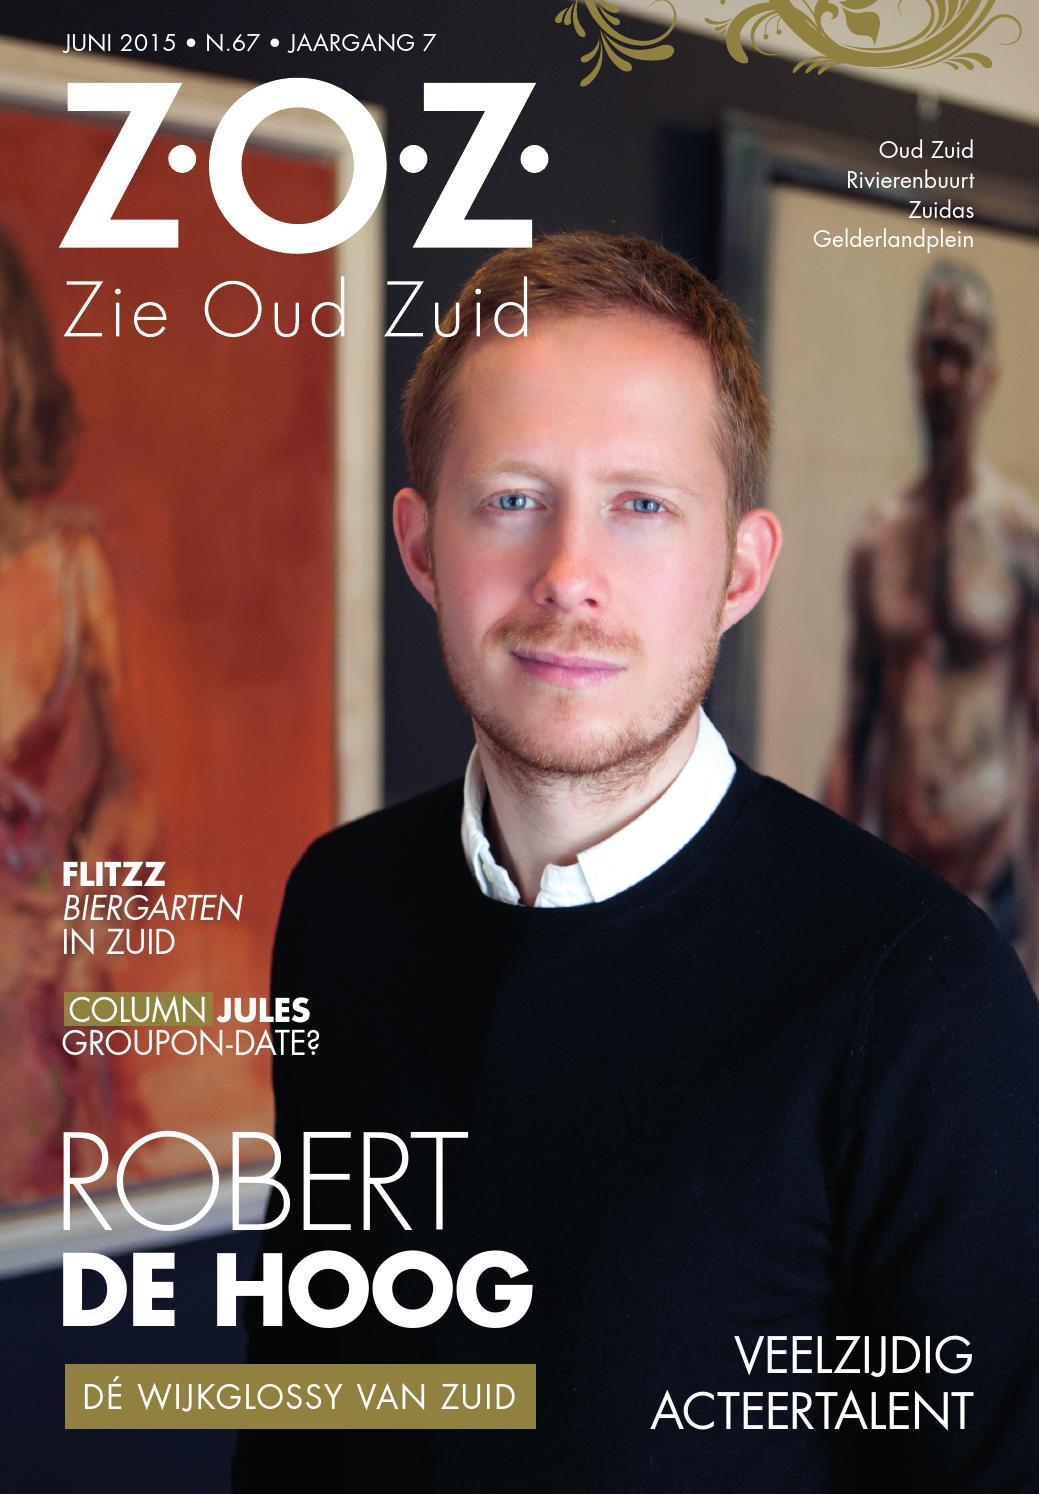 Z.o.z. editie 67, juni 2015 by asega media   issuu